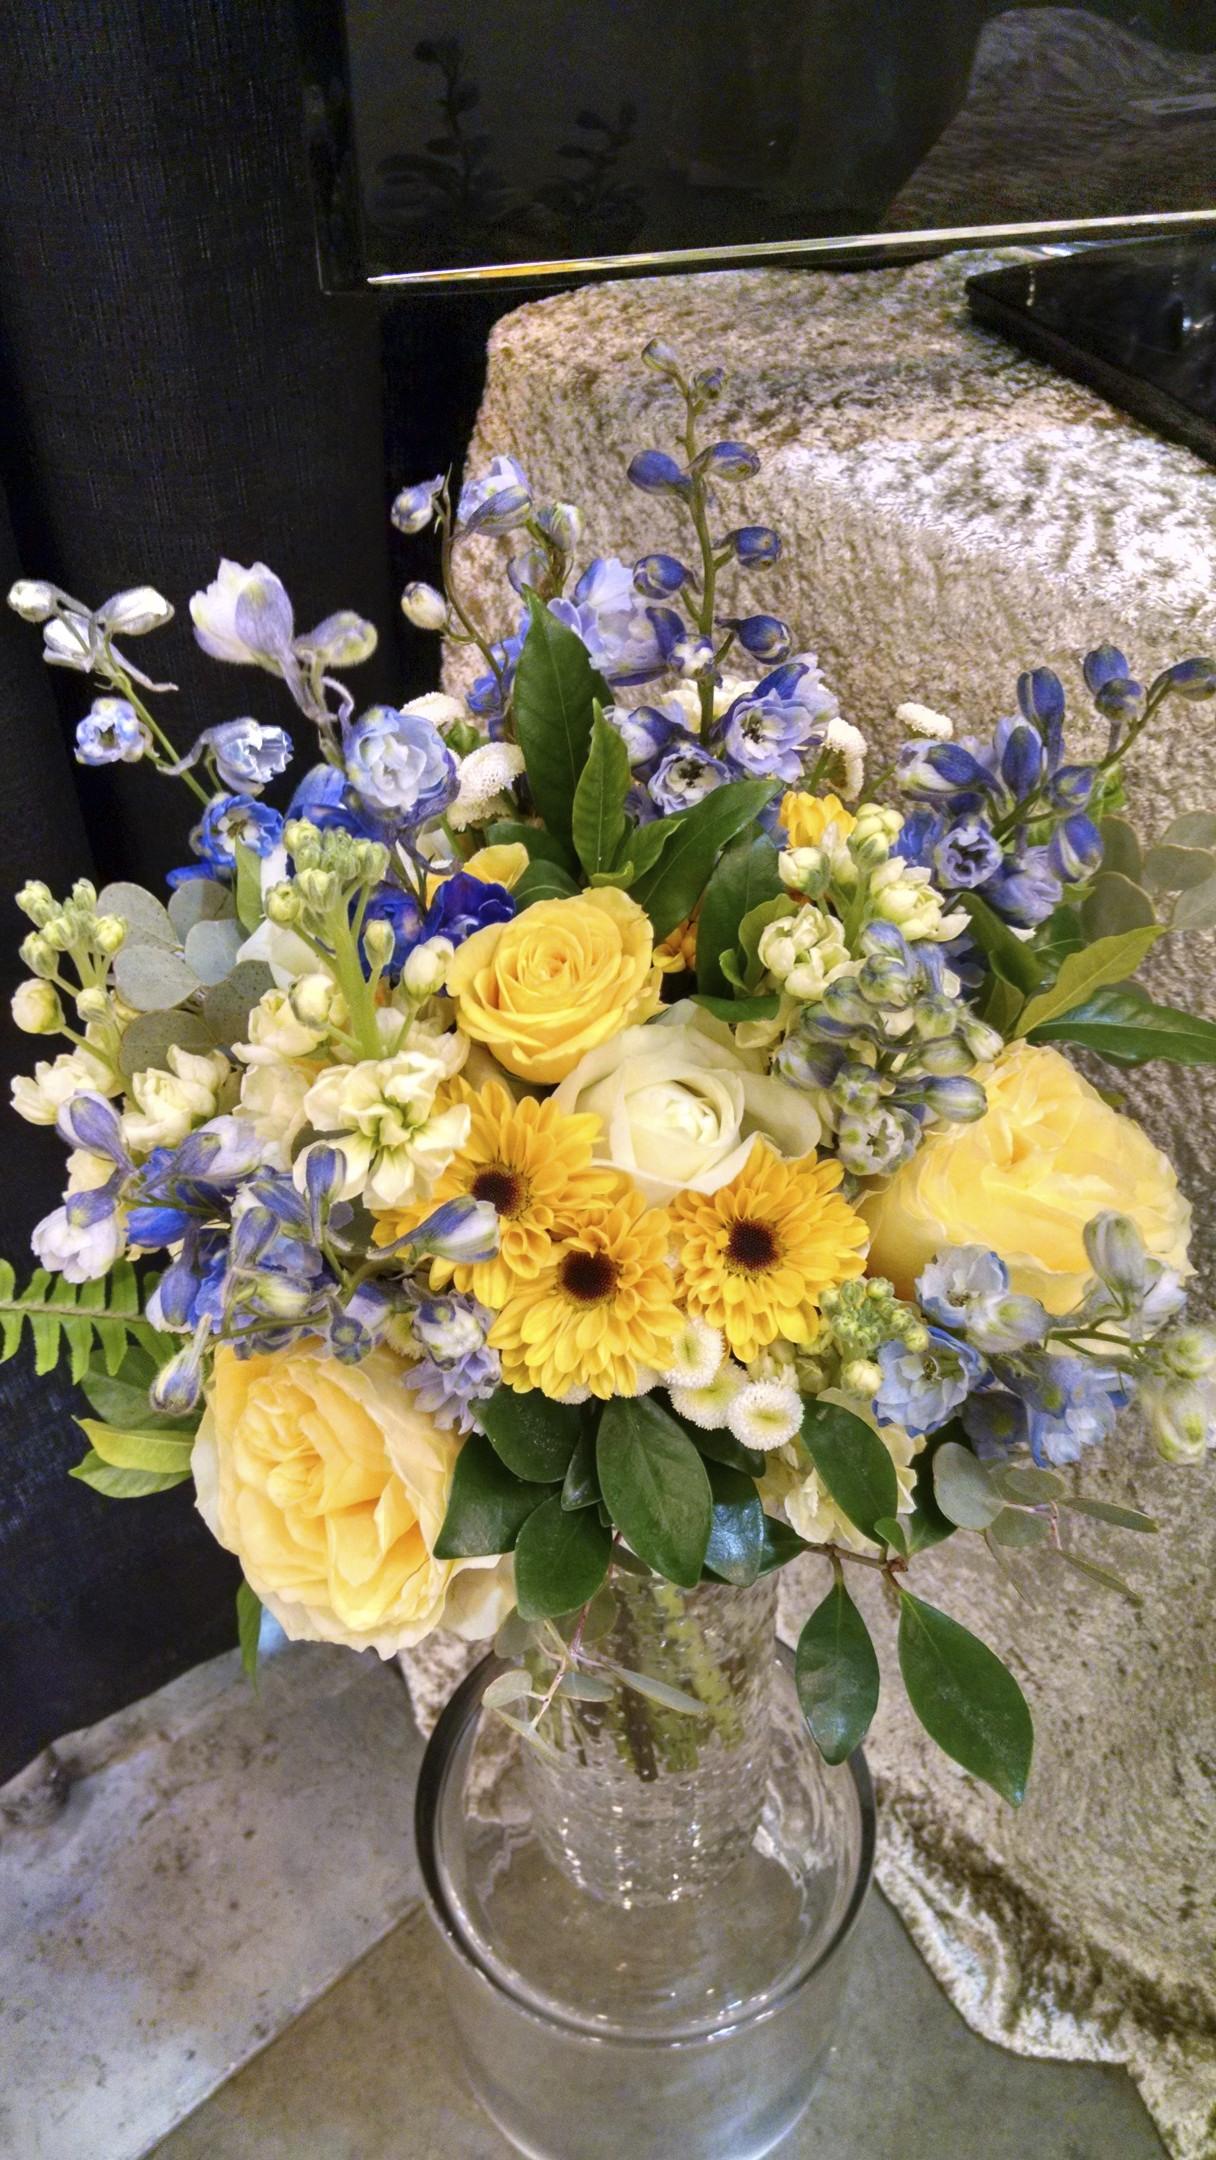 Delphinium, viking daisies, roses, stock, feverfew